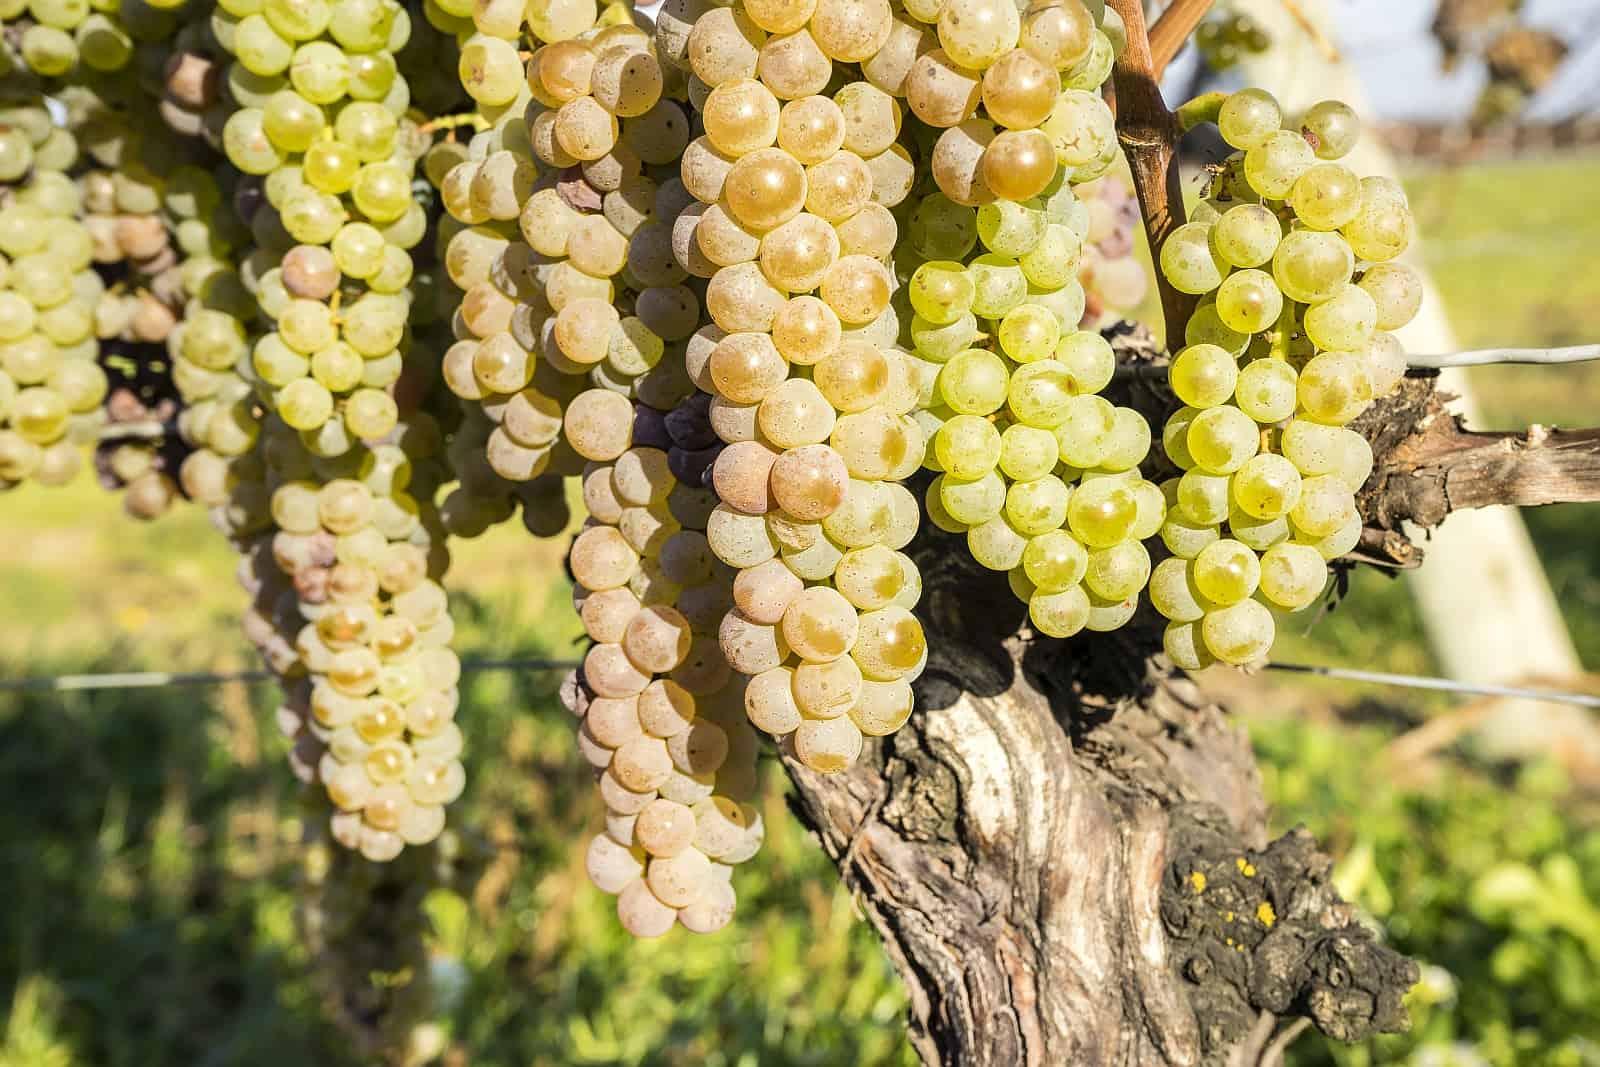 Gute Weißweine wie Chardonnay und Riesling sind Aushängeschilder kanadischer Weinbaukultur. Aus den weißen Trauben werden auch Eisweine ausgebaut, so von der Vidal Traube.